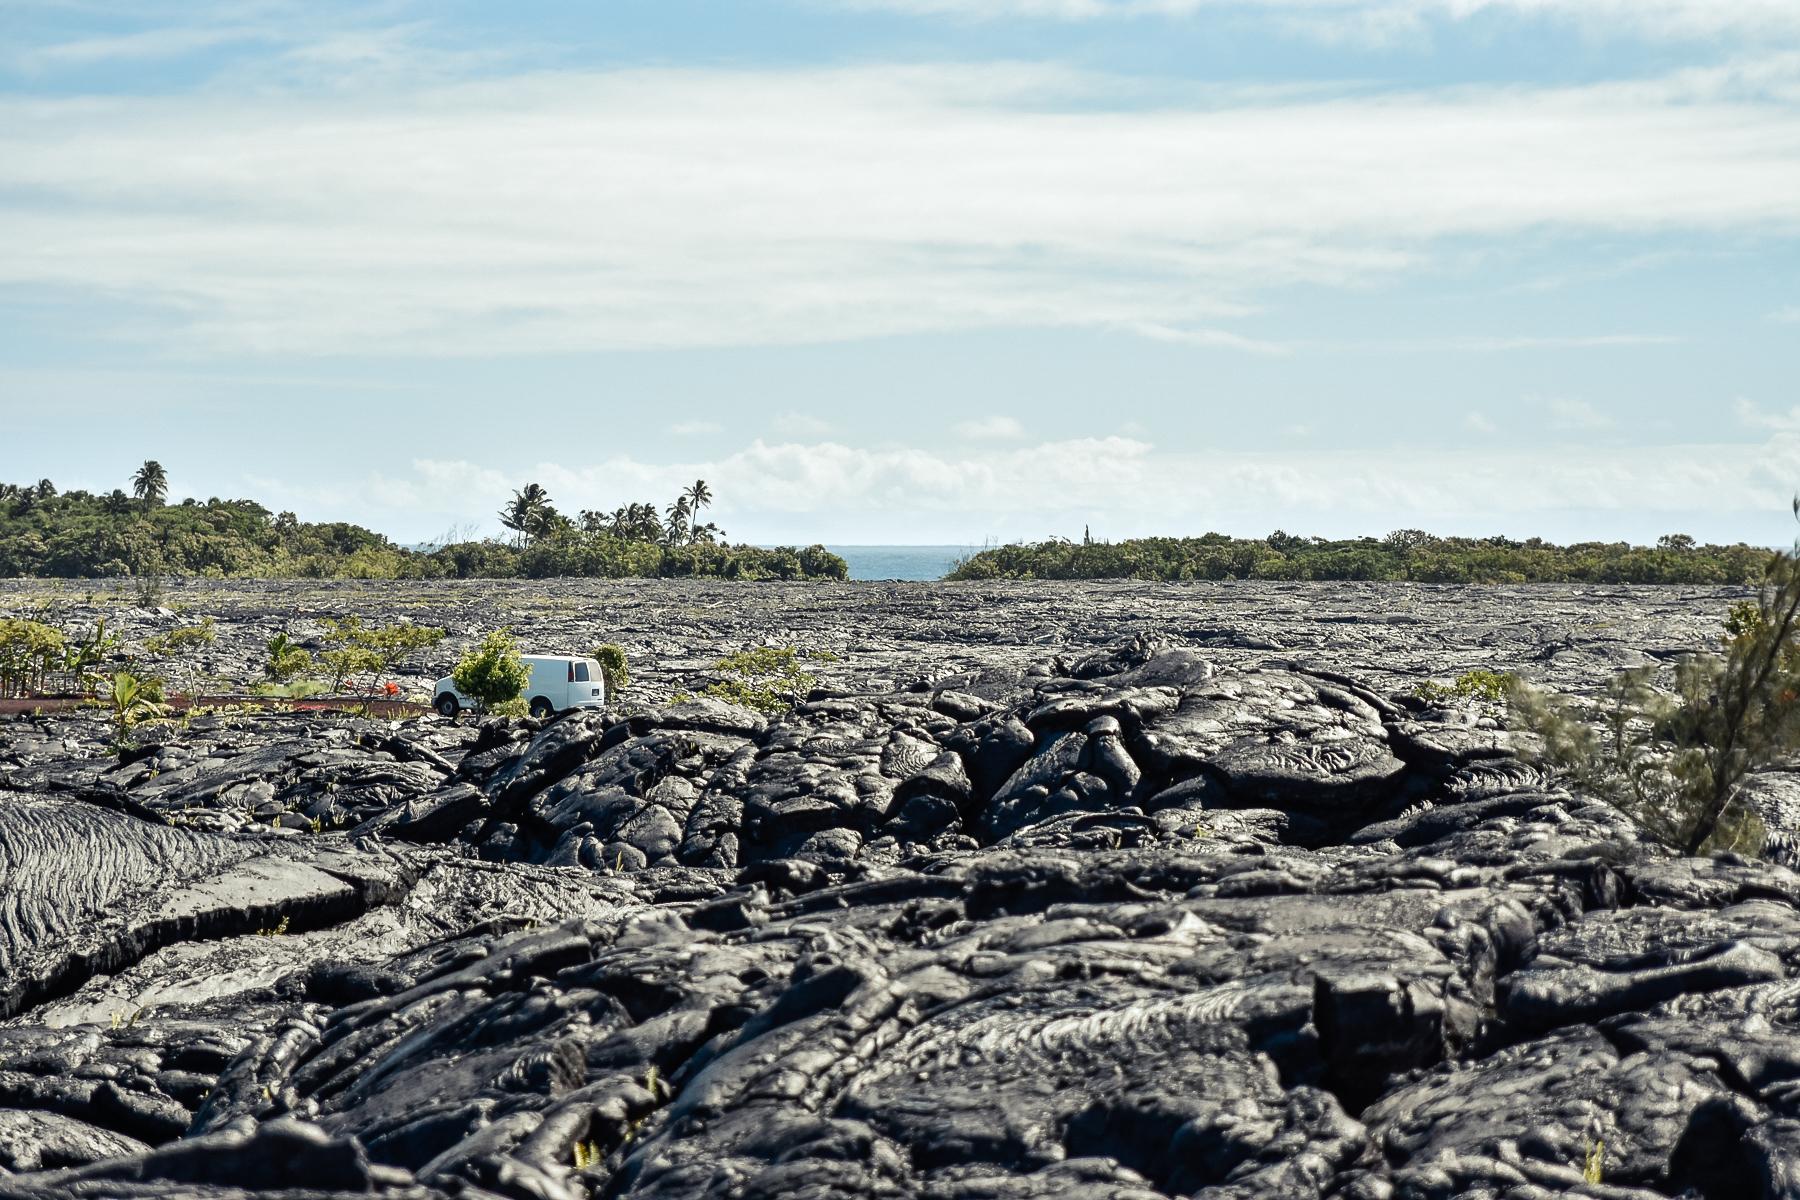 el-blog-de-silvia-blusa-azul-viaje-hawaii-12